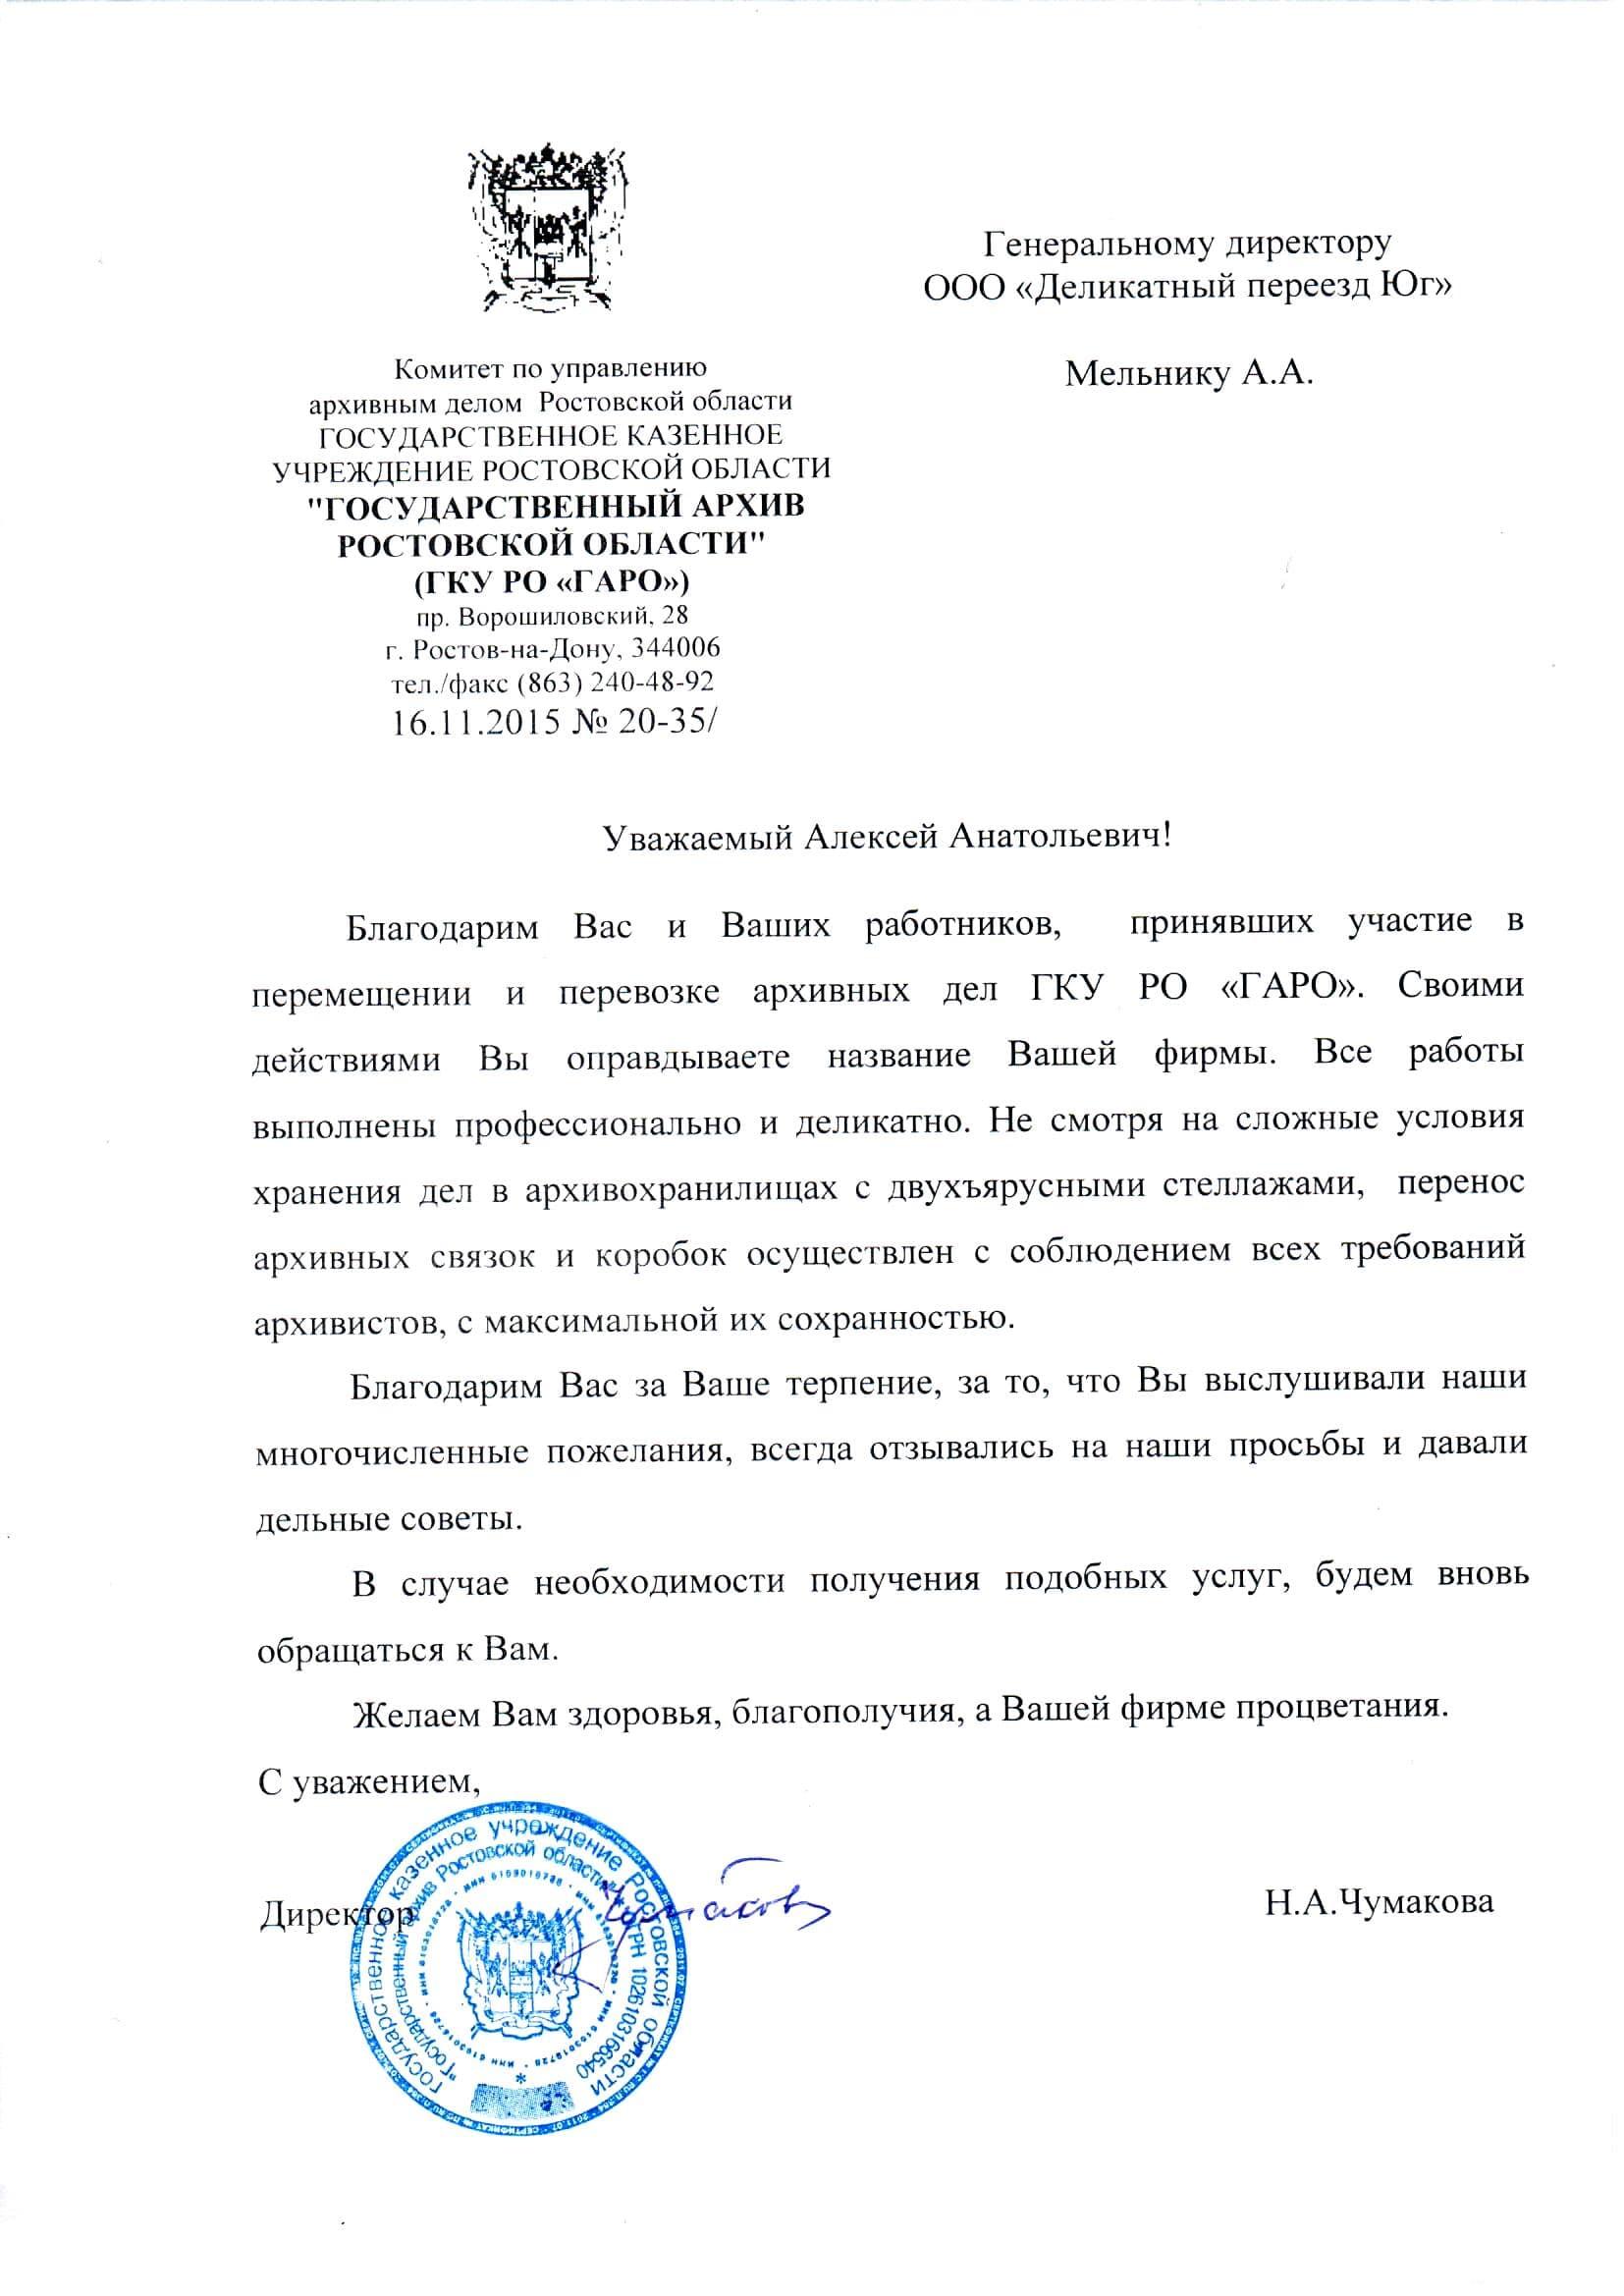 Благодарственное письмо от КГУ РО «ГАРО» (Государственного Архива Ростовской области)